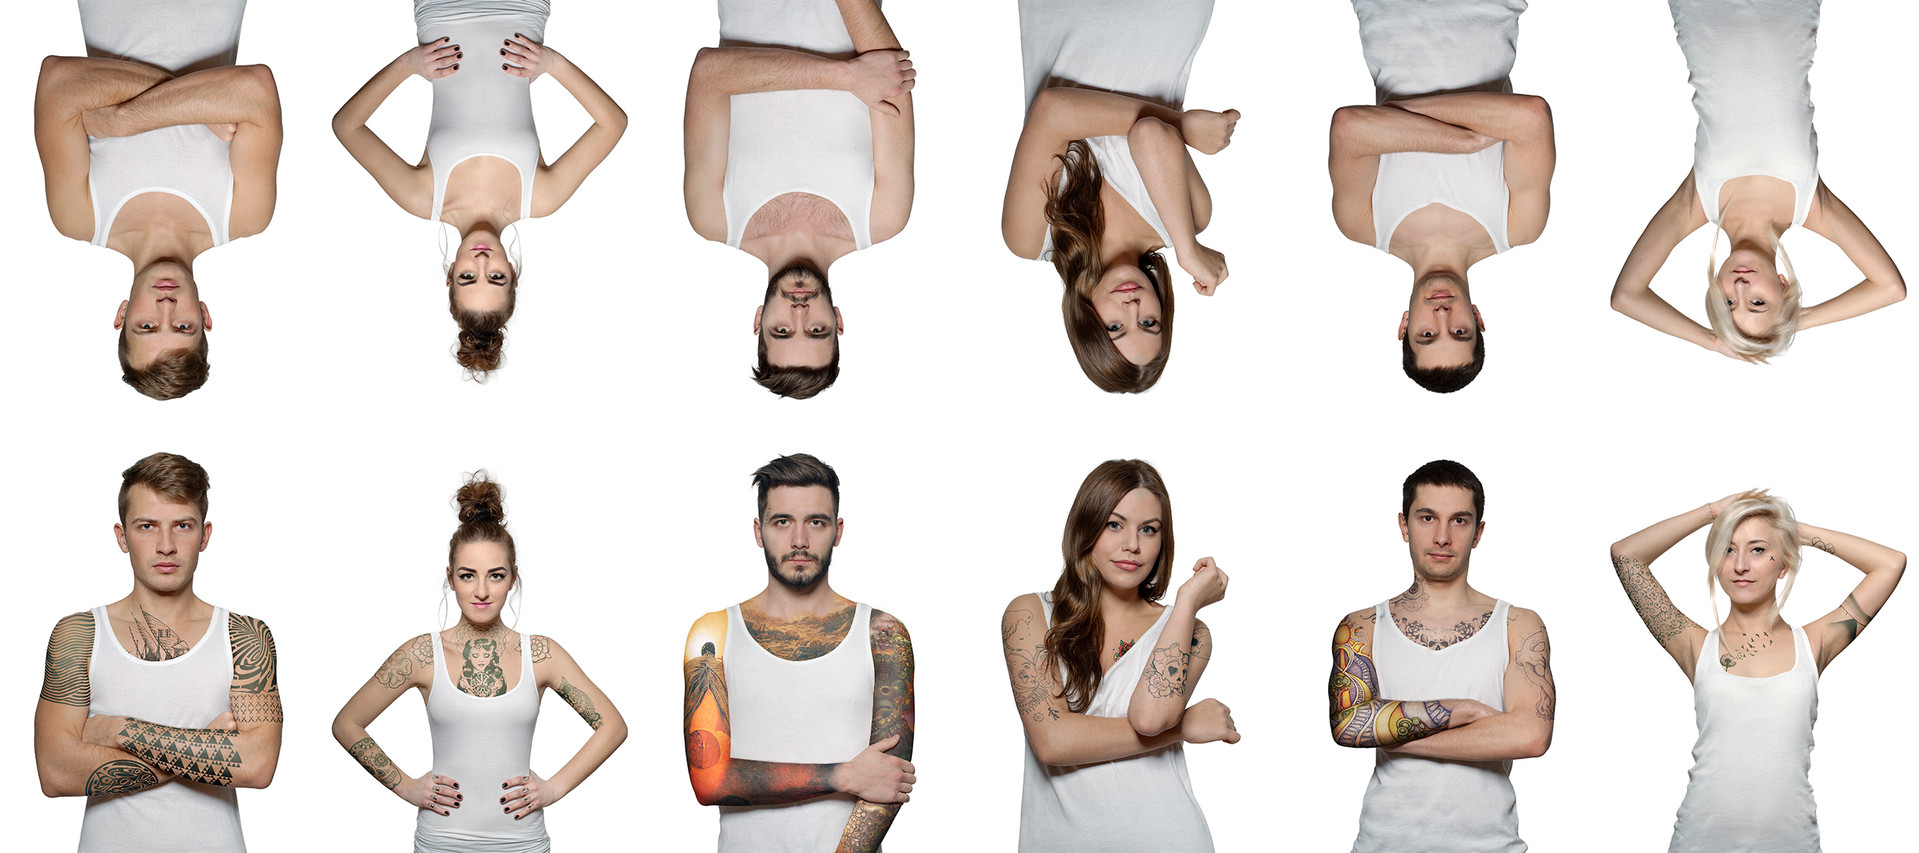 Projekt wykonany dla Magdaleny Kowal do badań służących pracy naukowej na temat postrzegania tatuażu przez osoby starsze, 2015